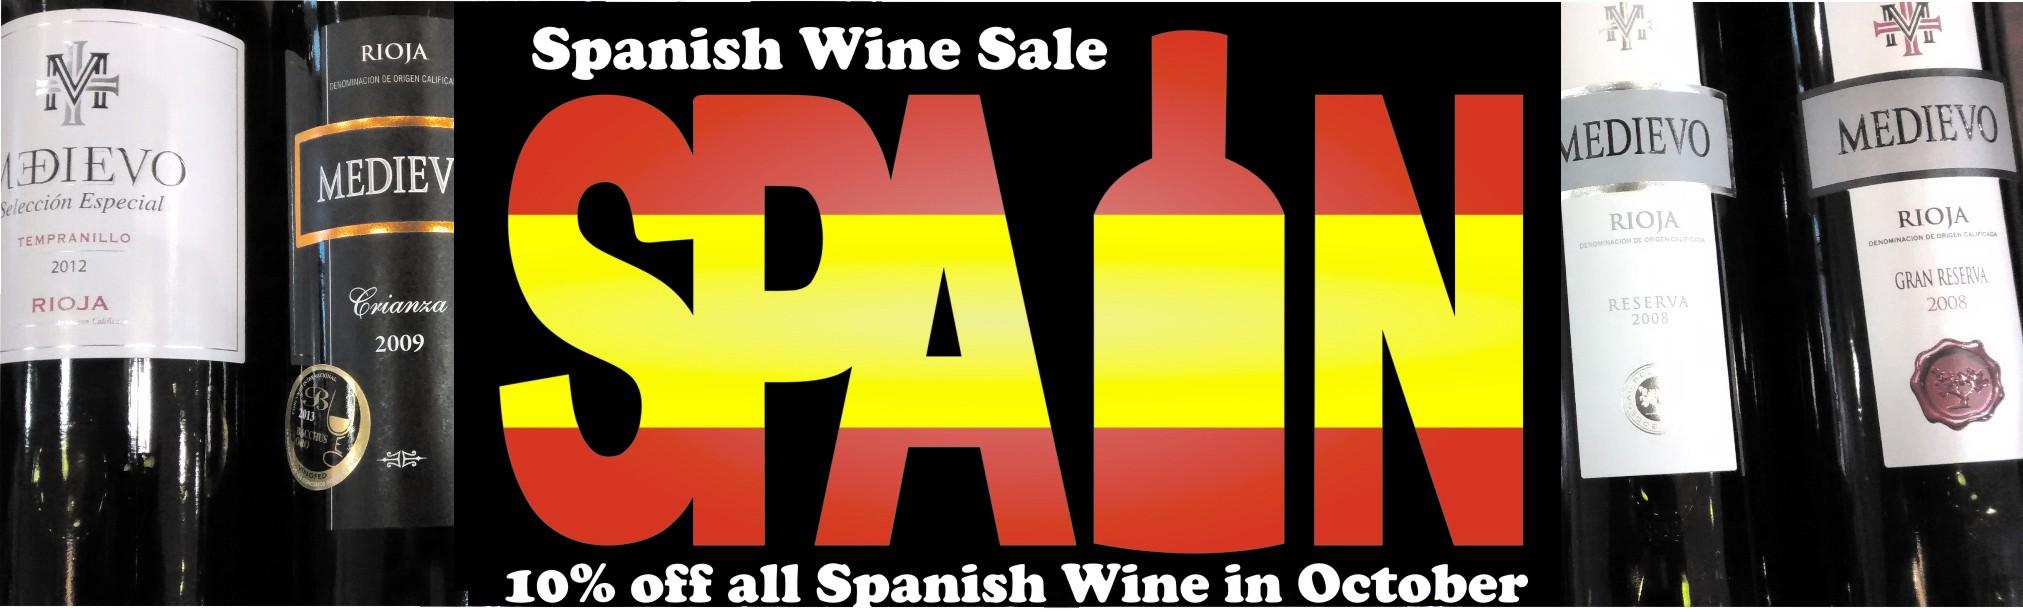 Huge Spanish Wine Sale